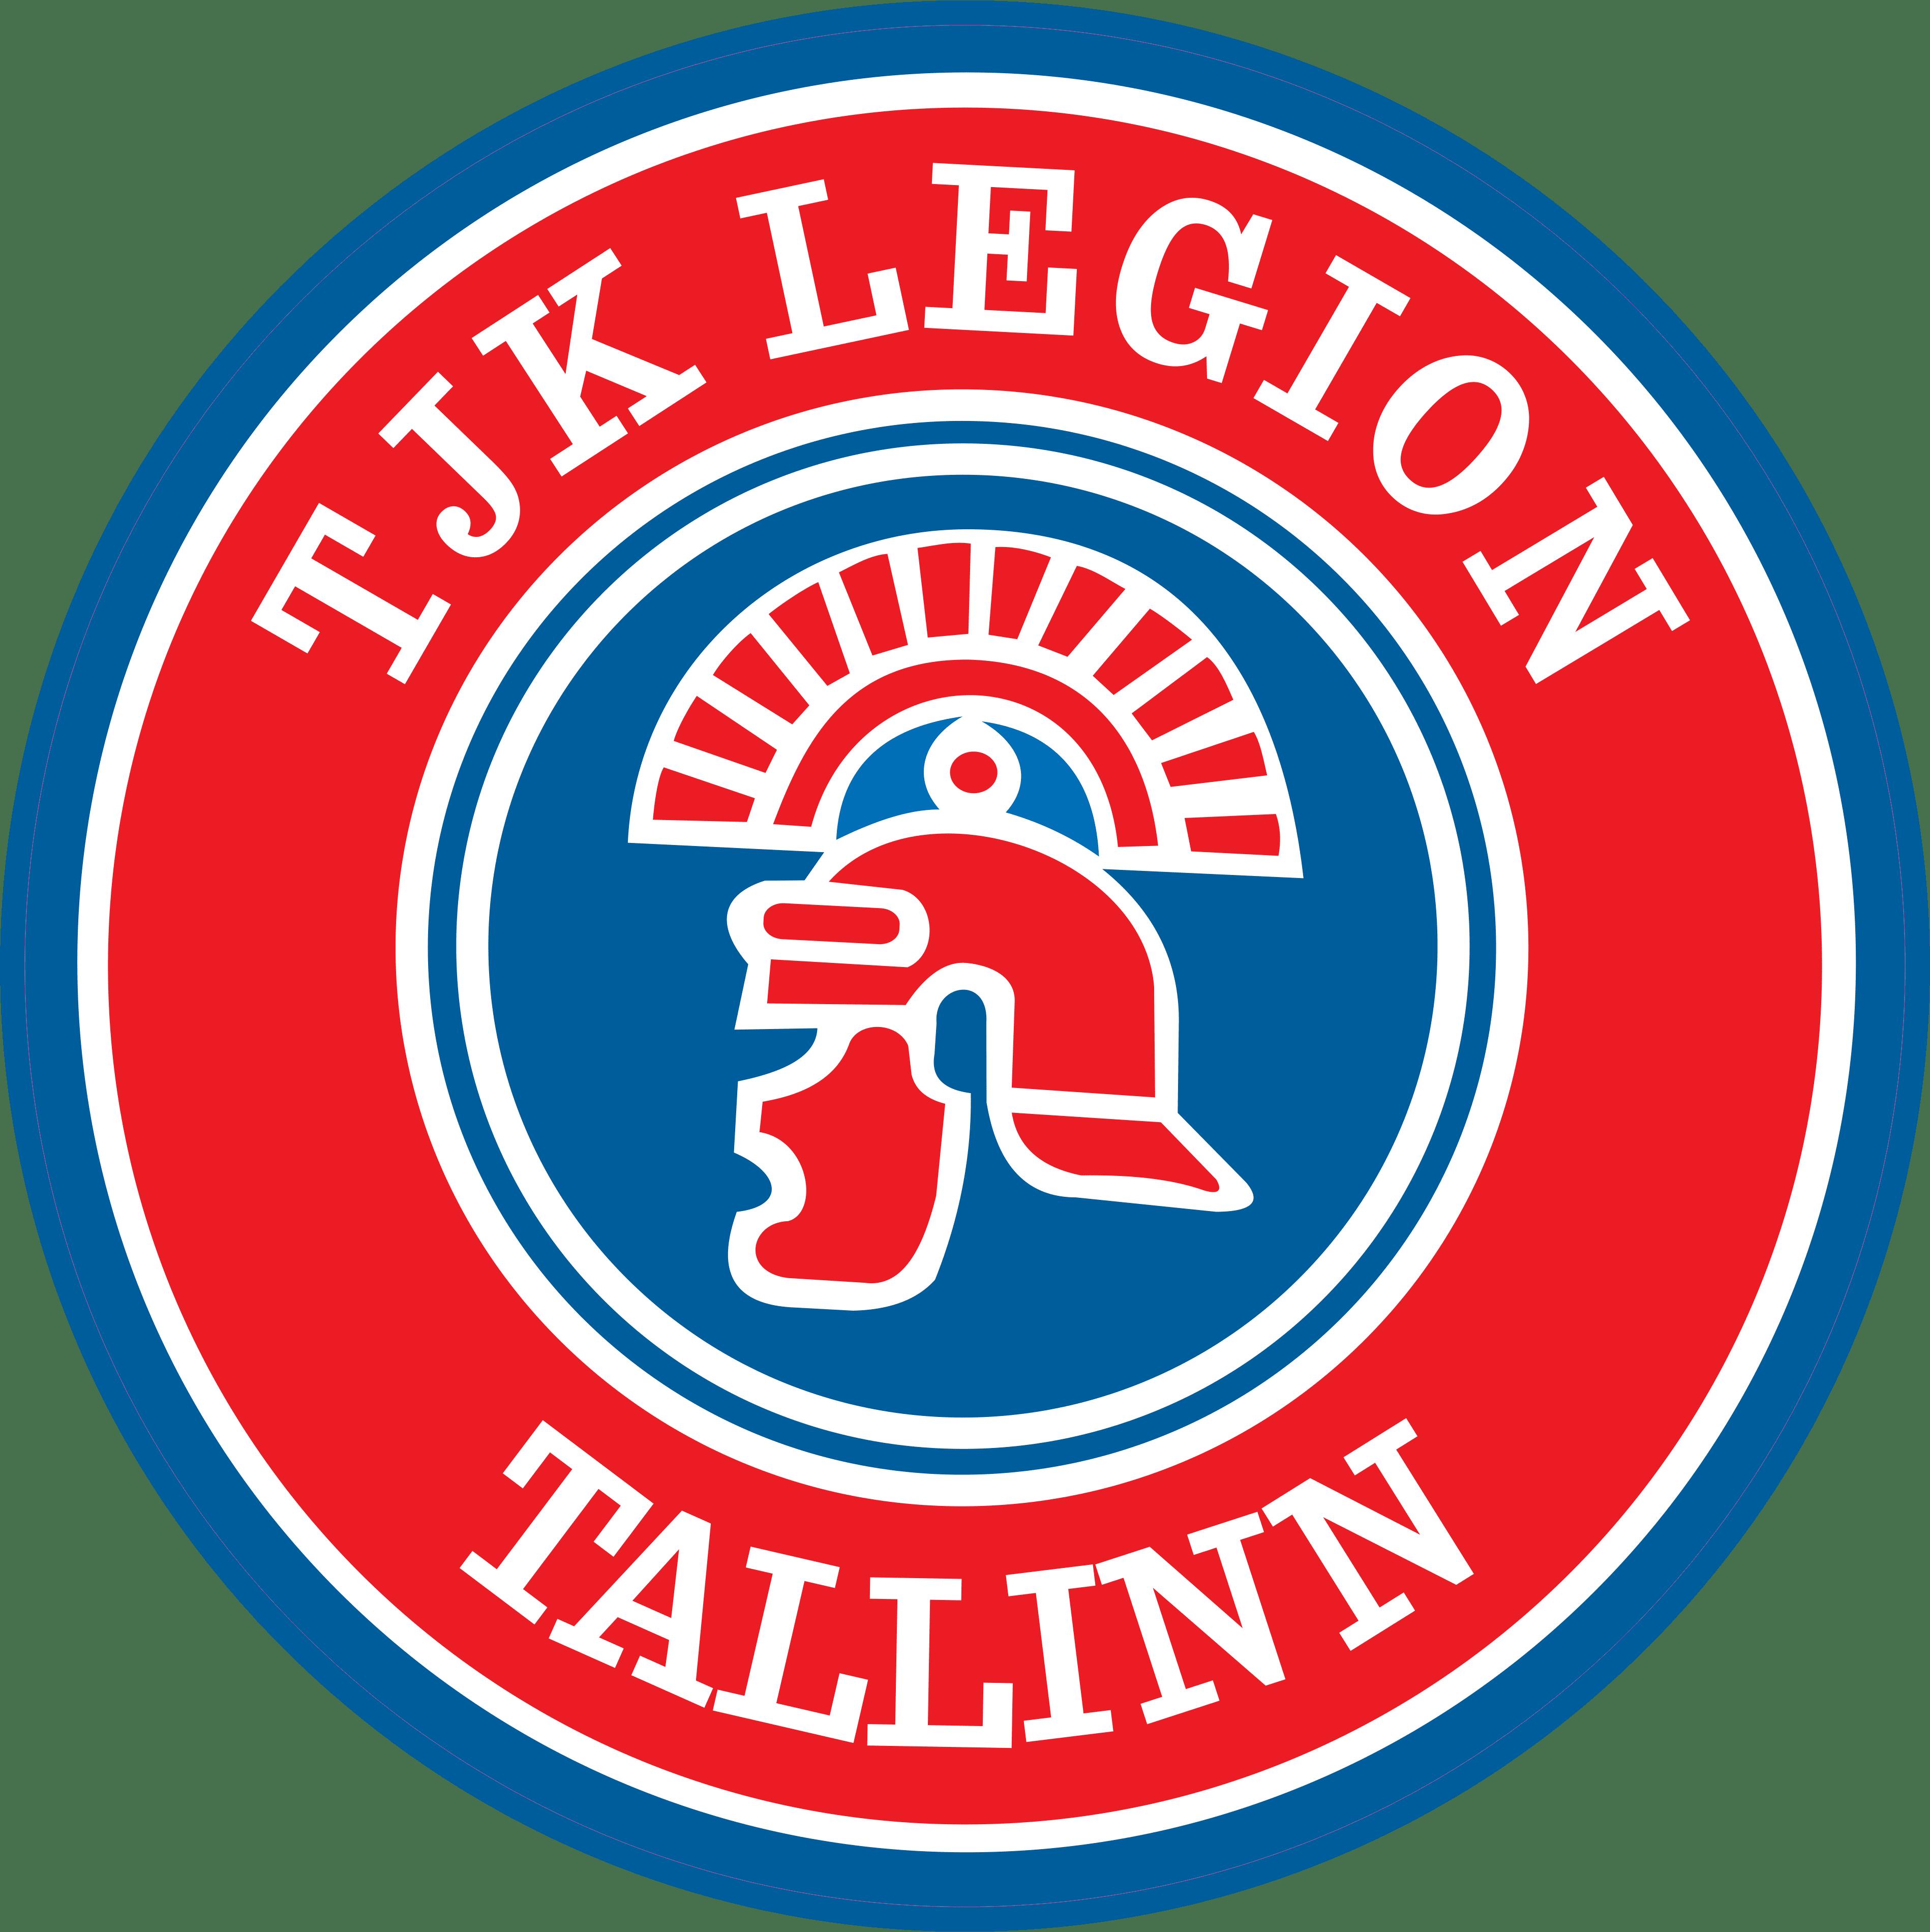 Tallinna Legion